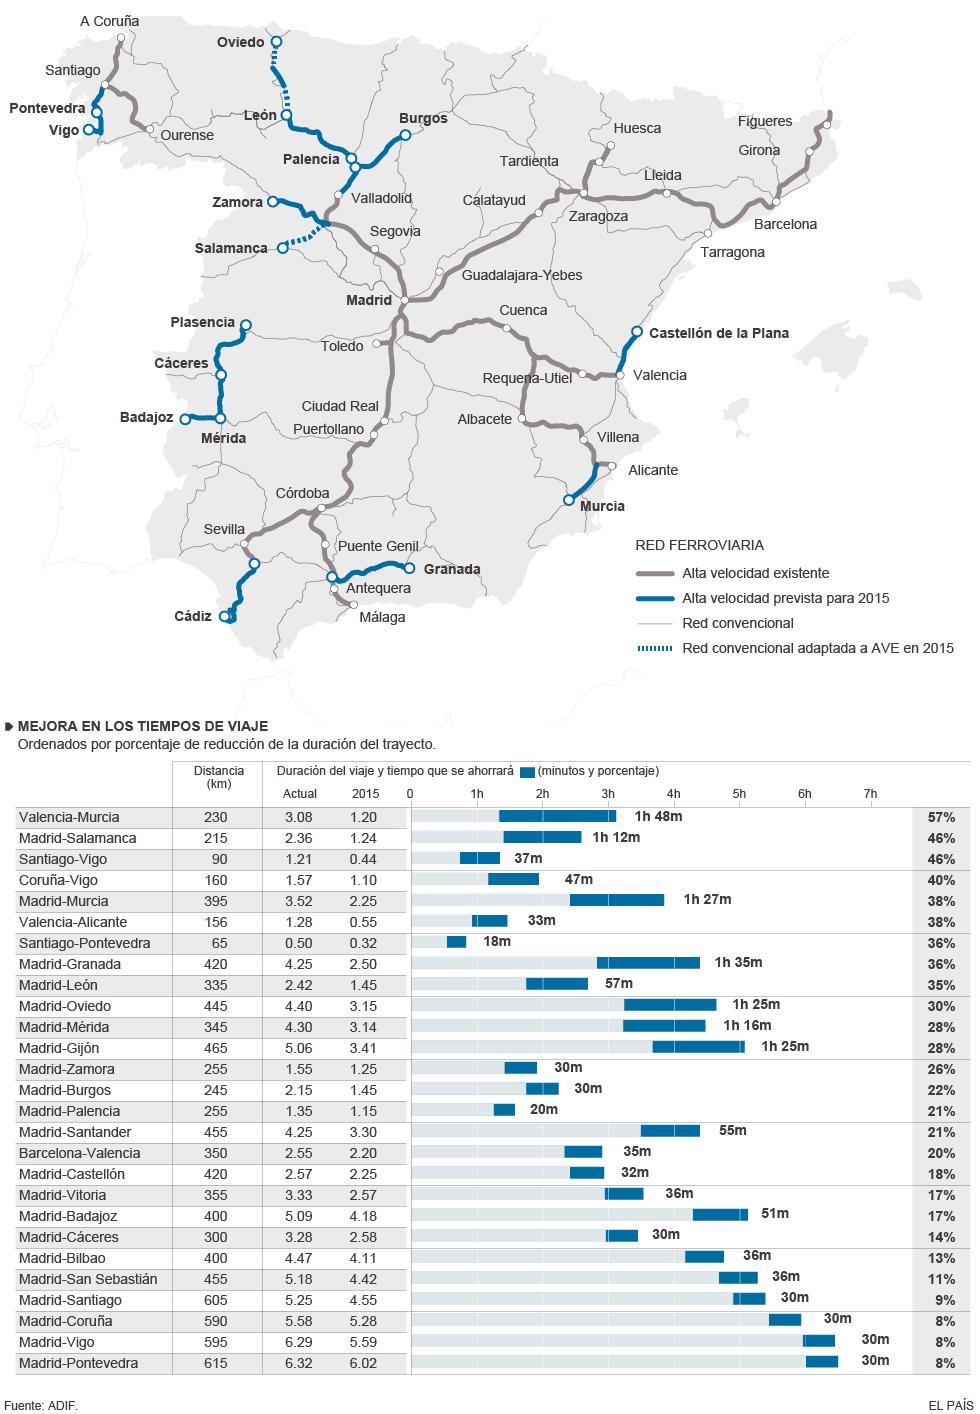 Transportes: Ferrocarril en España, alta velocidad, convencional. - Página 5 1420226888_130609_1420226942_noticia_normal